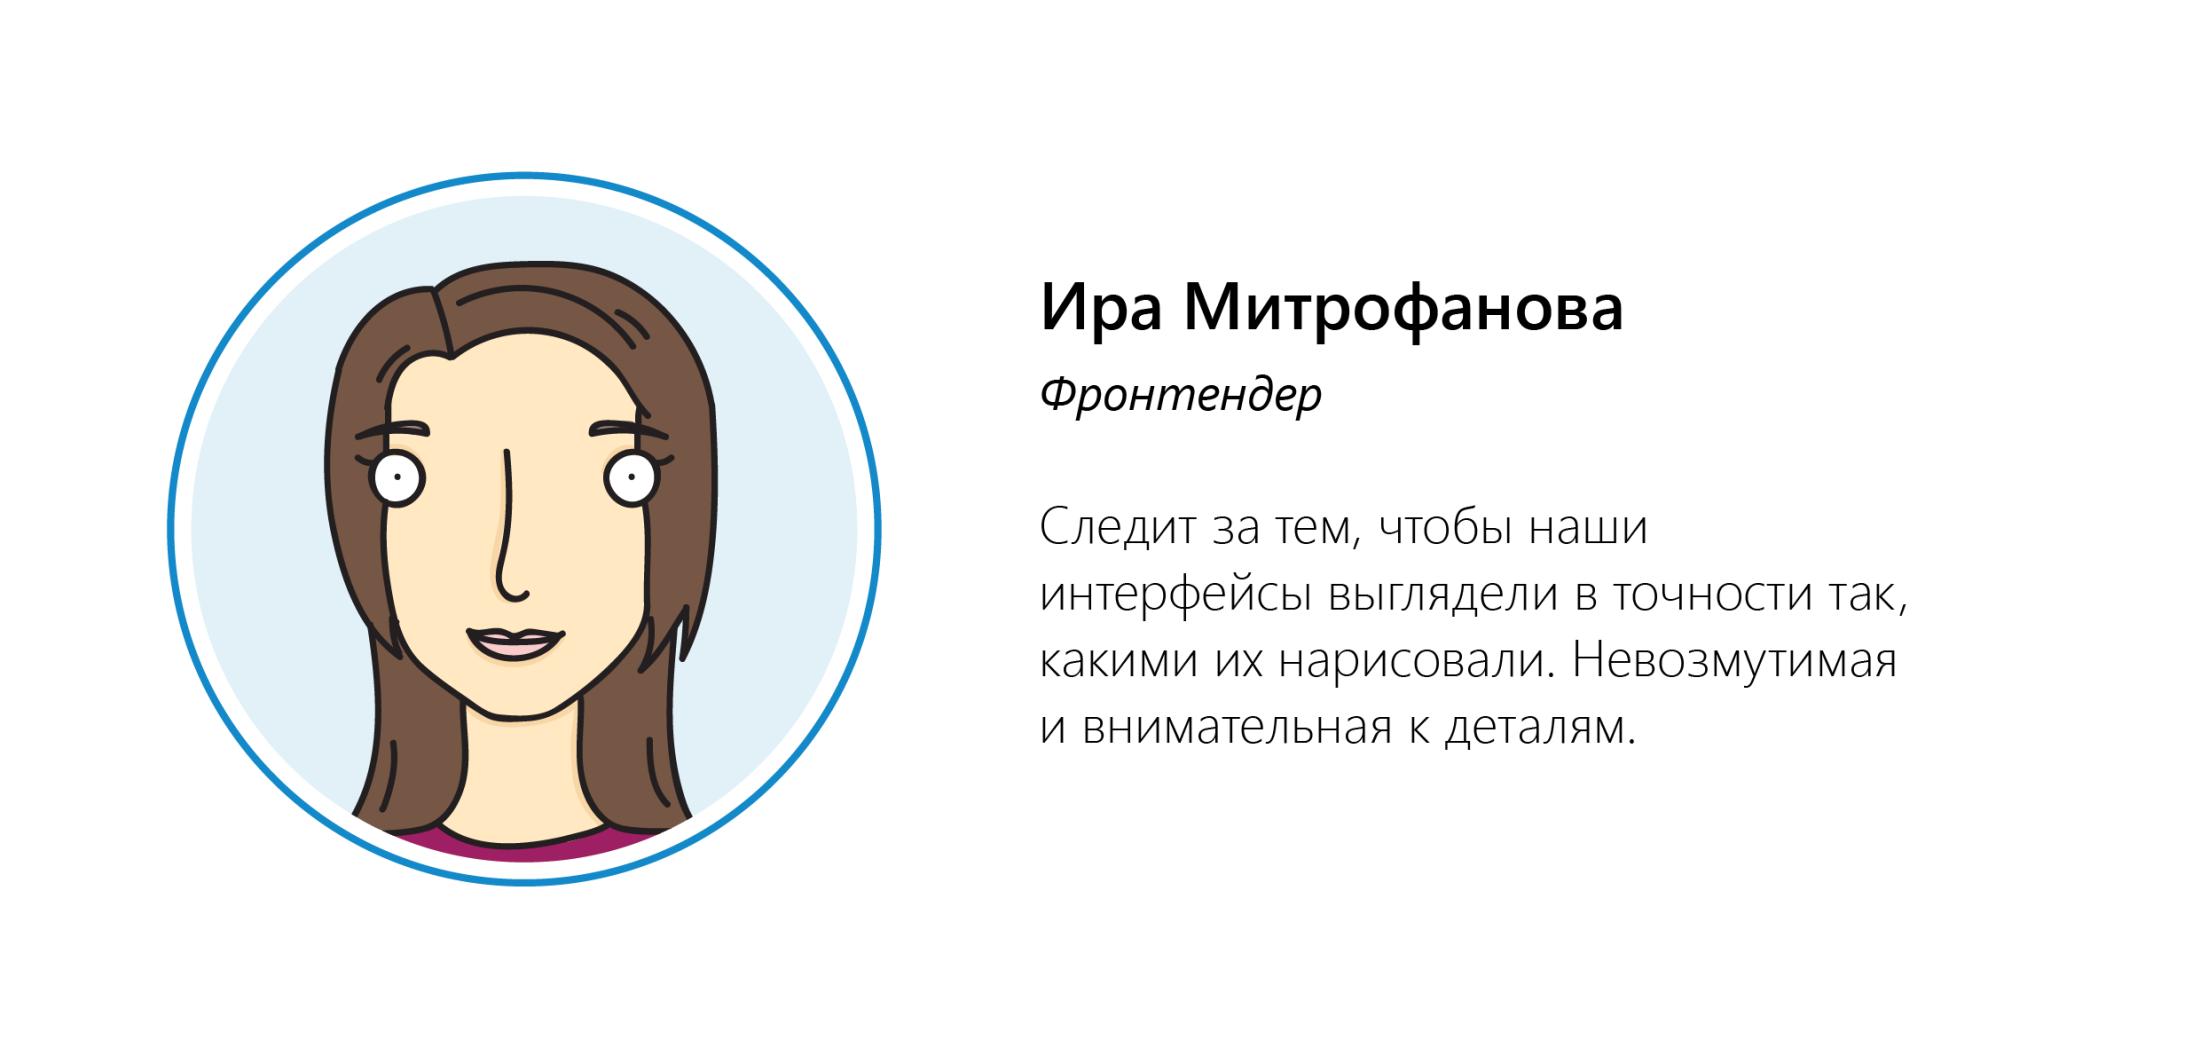 Ира Митрофанова